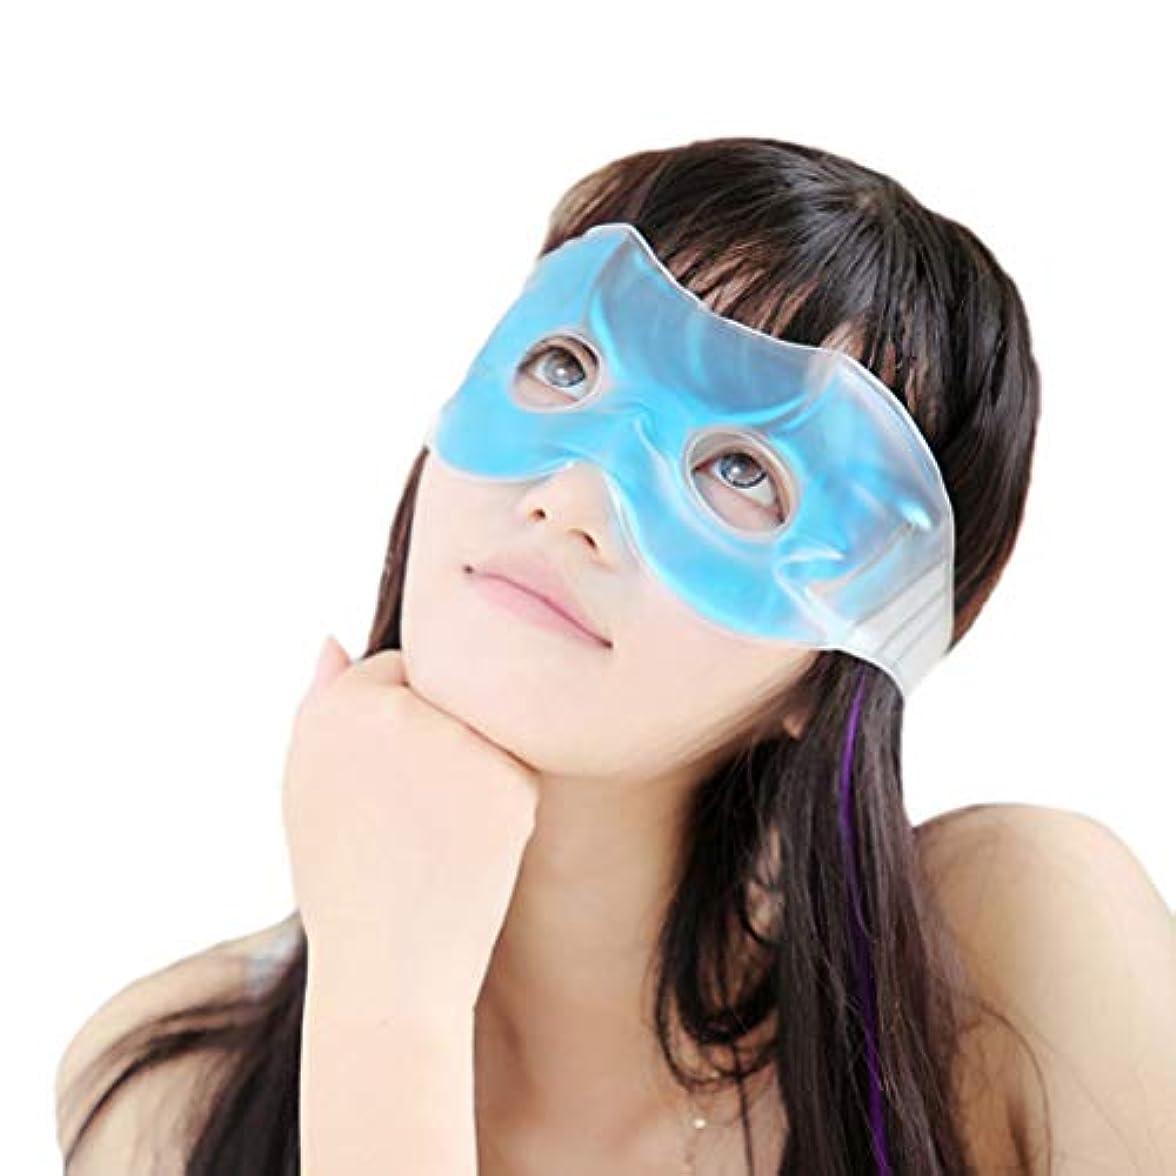 シンプルな指定大騒ぎHealifty アイマスク ゲル アイスパッド アイスアイマスク 目隠し リラックス 冷却 パック 再使用可能 目の疲れ軽減 安眠 血行促進